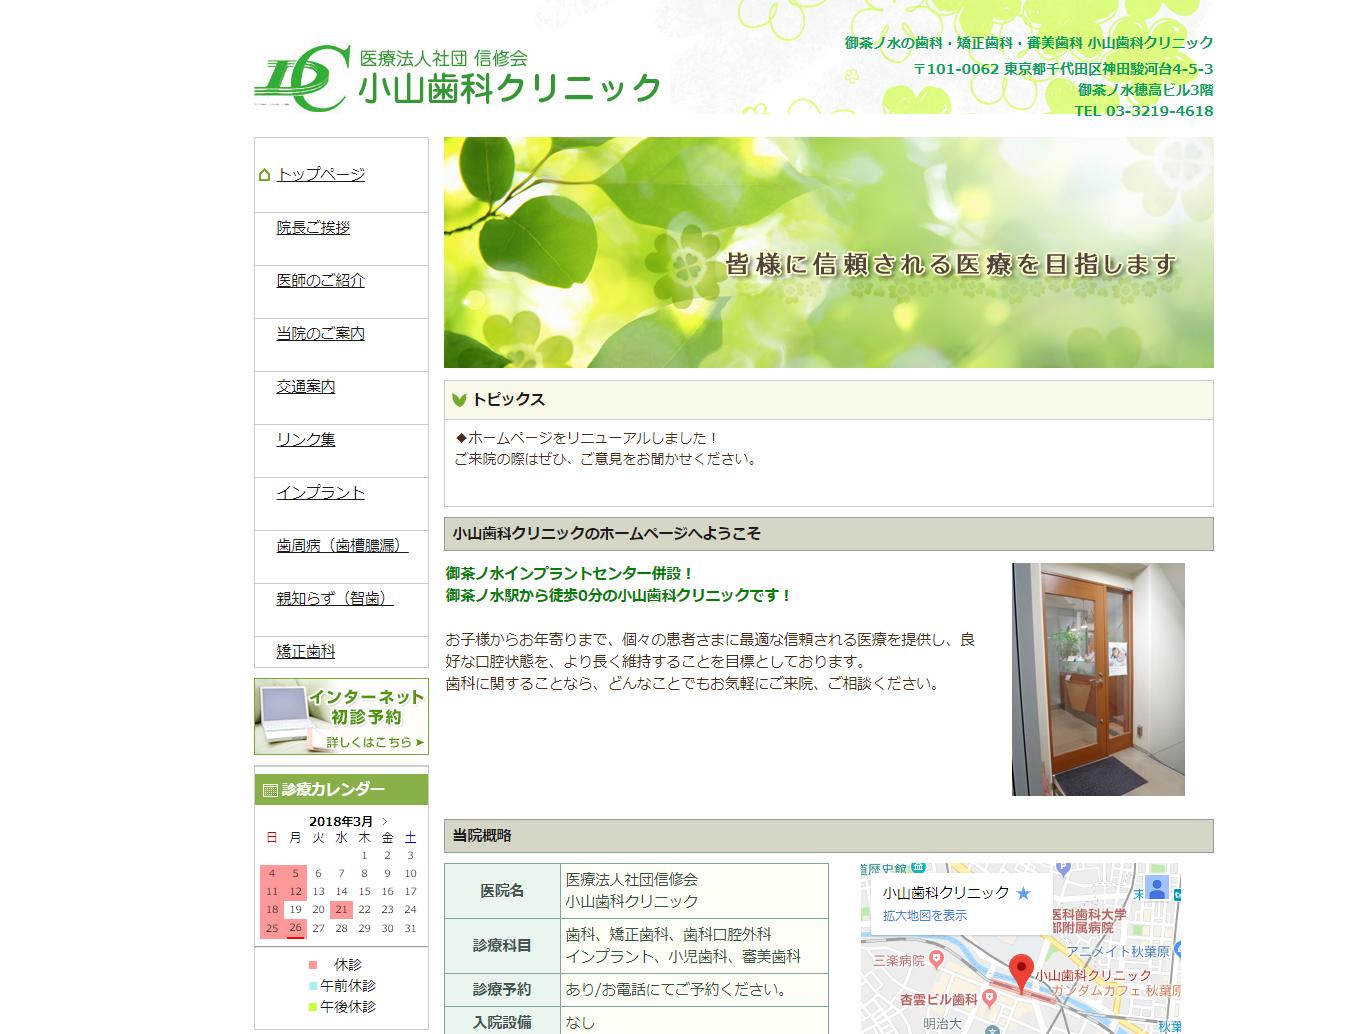 小山歯科クリニック (サイトイメージ)